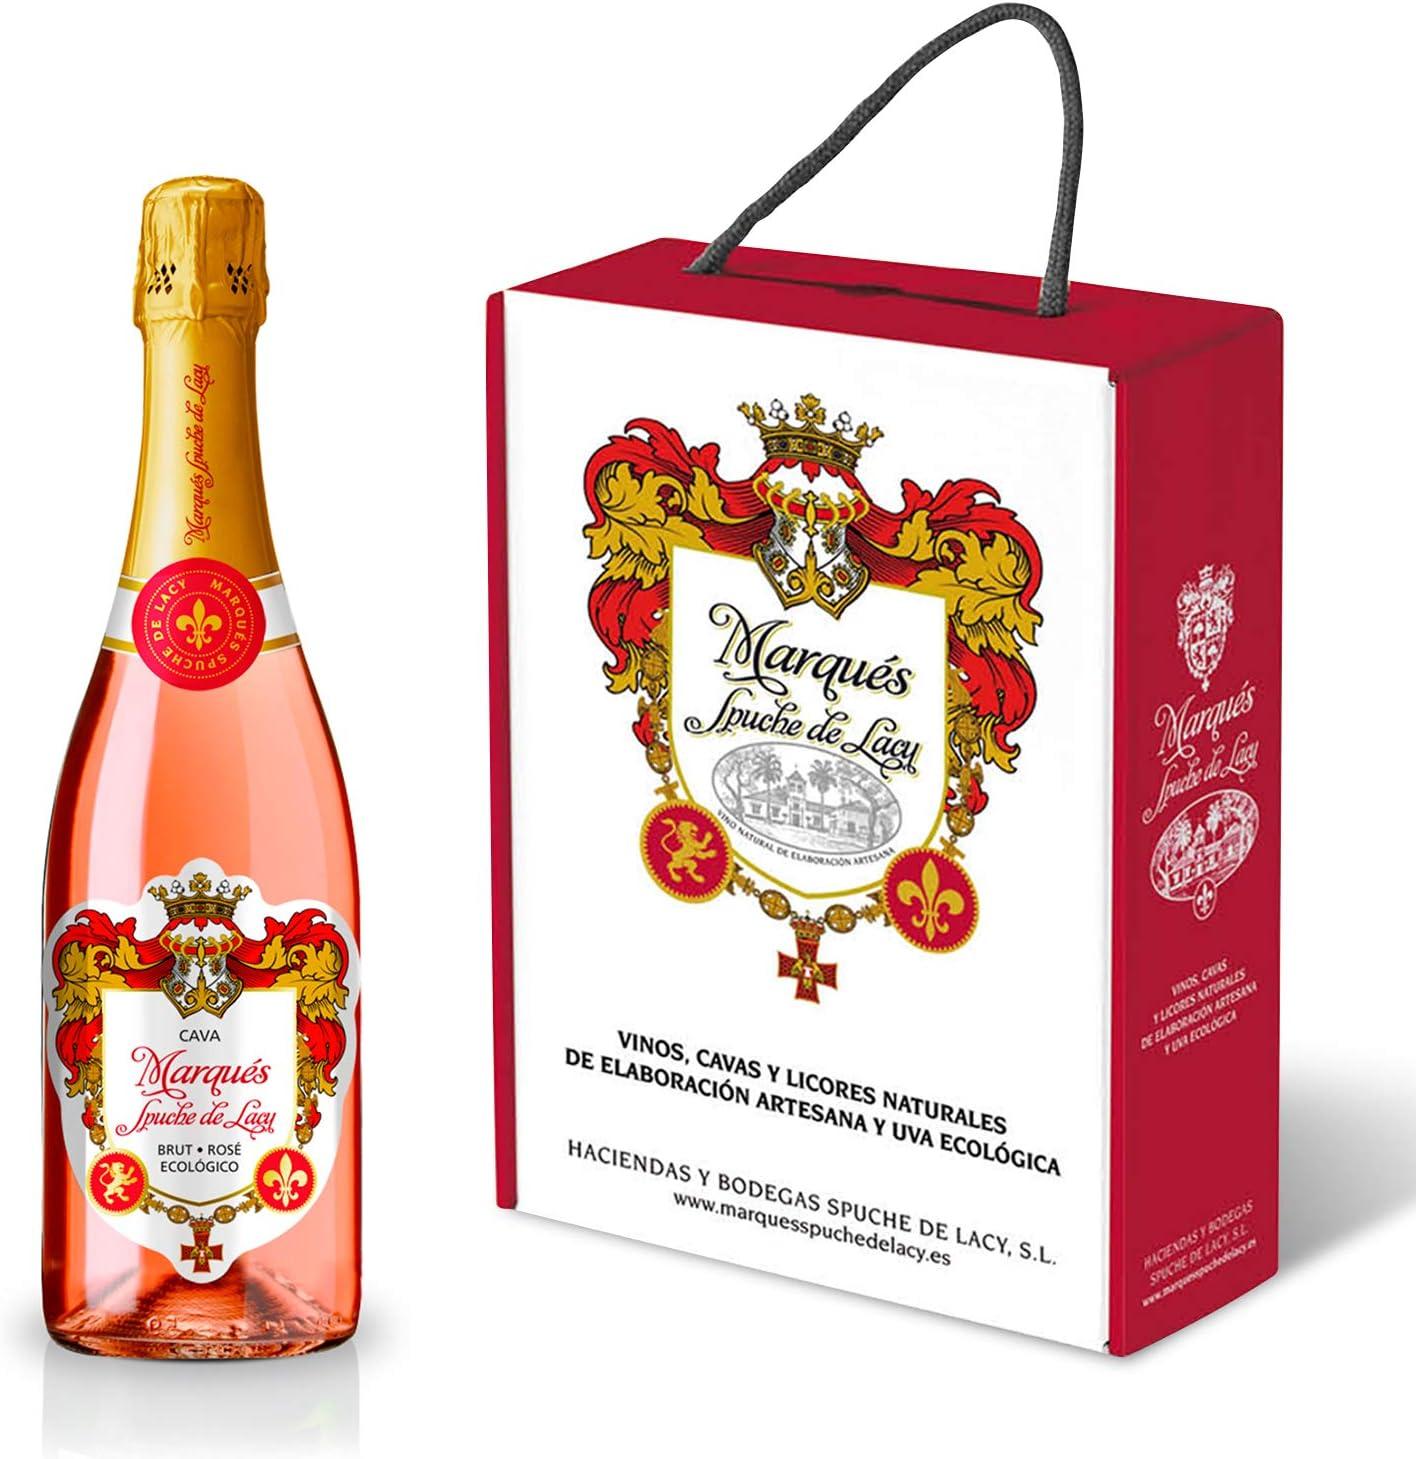 Cava Brut Rosé Ecológico de la prestigiosa bodega Marqués Spuche de Lacy (2 botellas): Amazon.es: Alimentación y bebidas